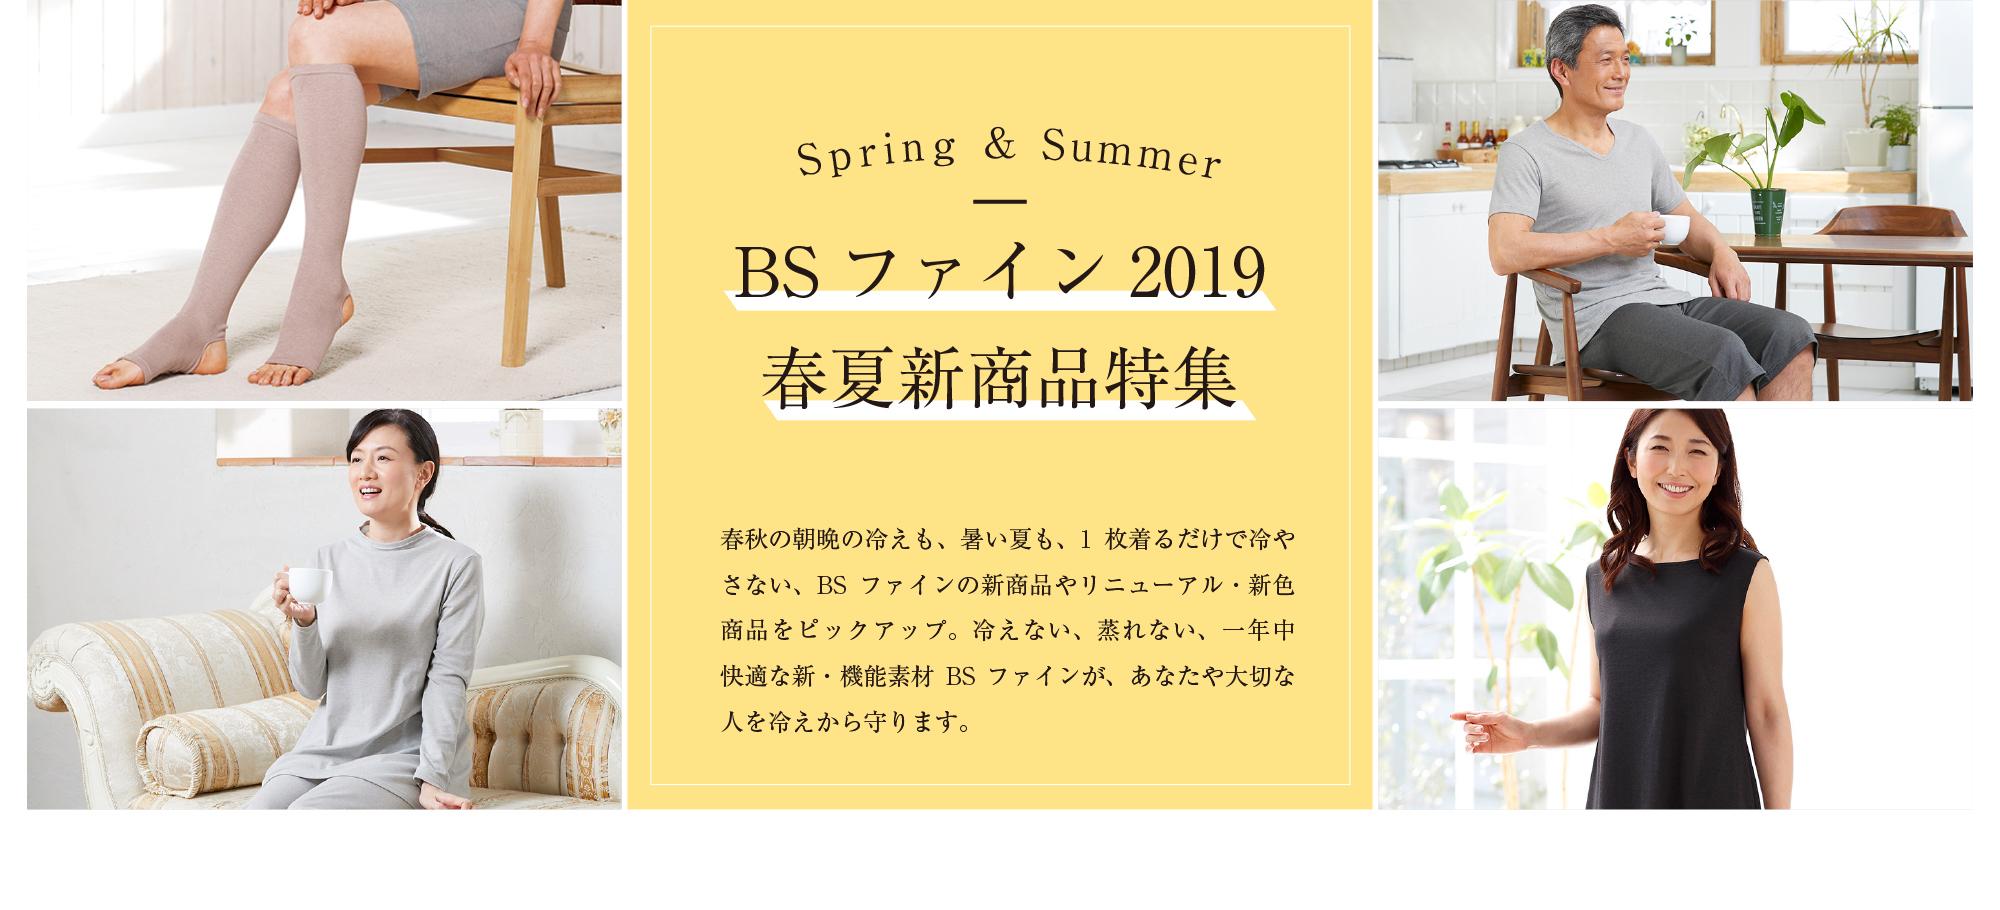 Spring&Sumer BSファイン2019 春夏新商品特集 春秋の朝晩の冷えも、暑い夏も、1枚着るだけで冷やさない、BSファインの新商品やリニューアル・新色商品をピックアップ。冷えない、蒸れない、一年中快適な新・機能素材BSファインが、あなたや大切な人を冷えから守ります。